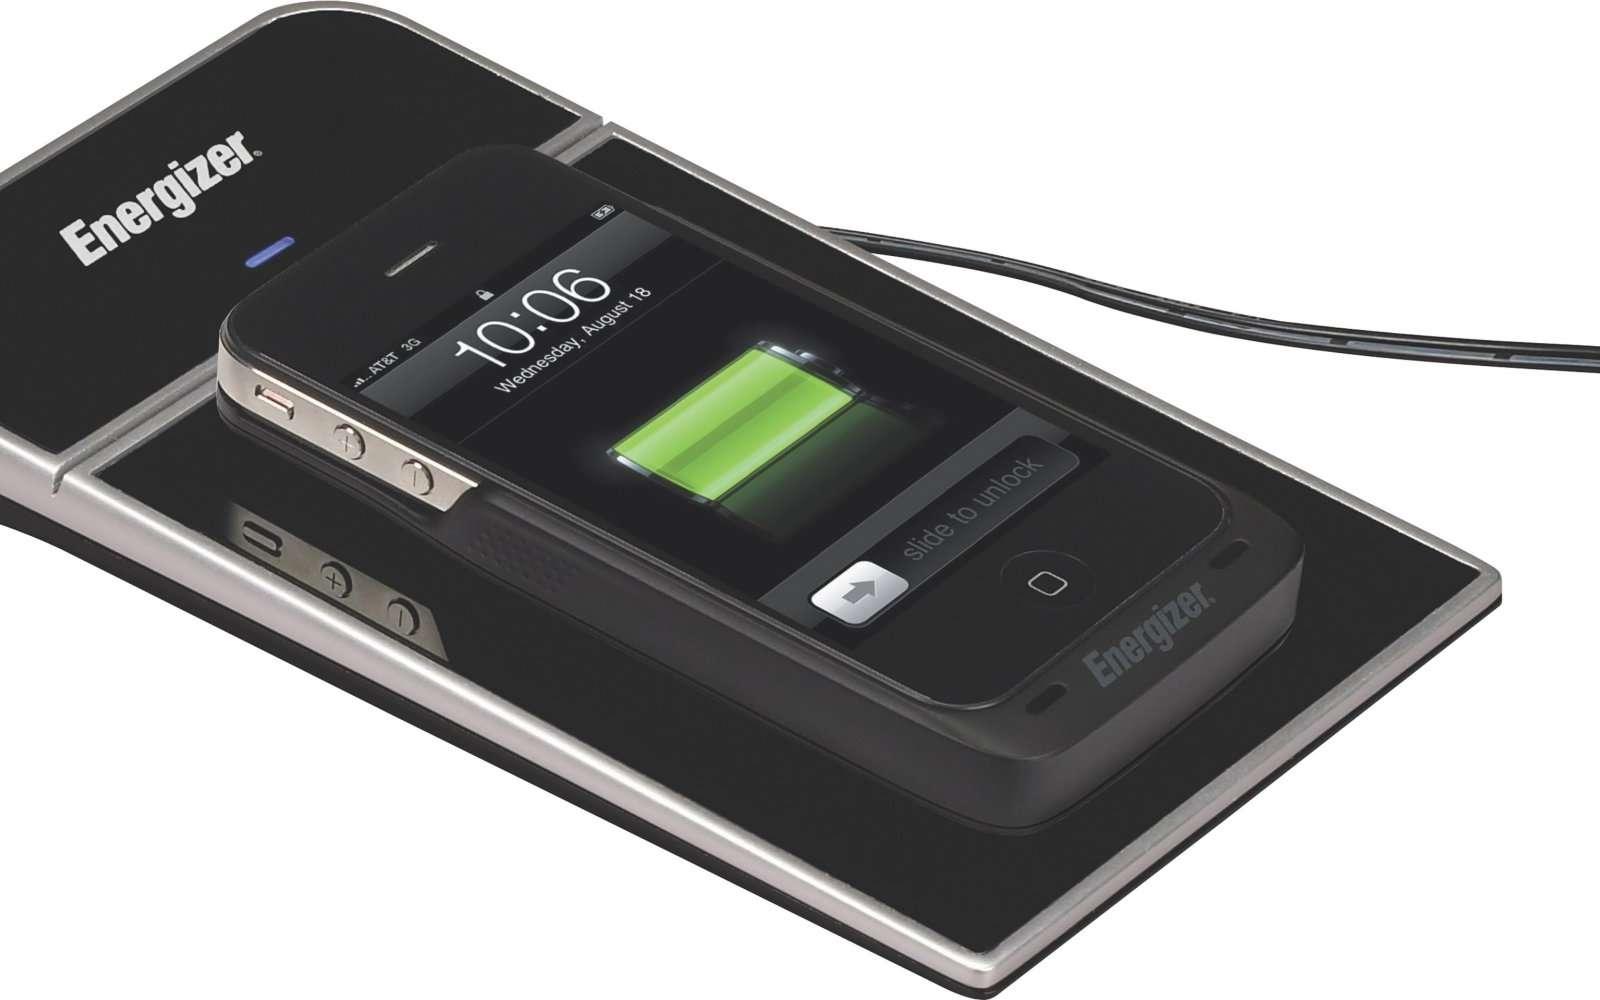 Le chargeur à induction d'Energizer, à la norme Qi. Oubliez les connecteurs et posez le mobile dessus, c'est tout. © Energizer